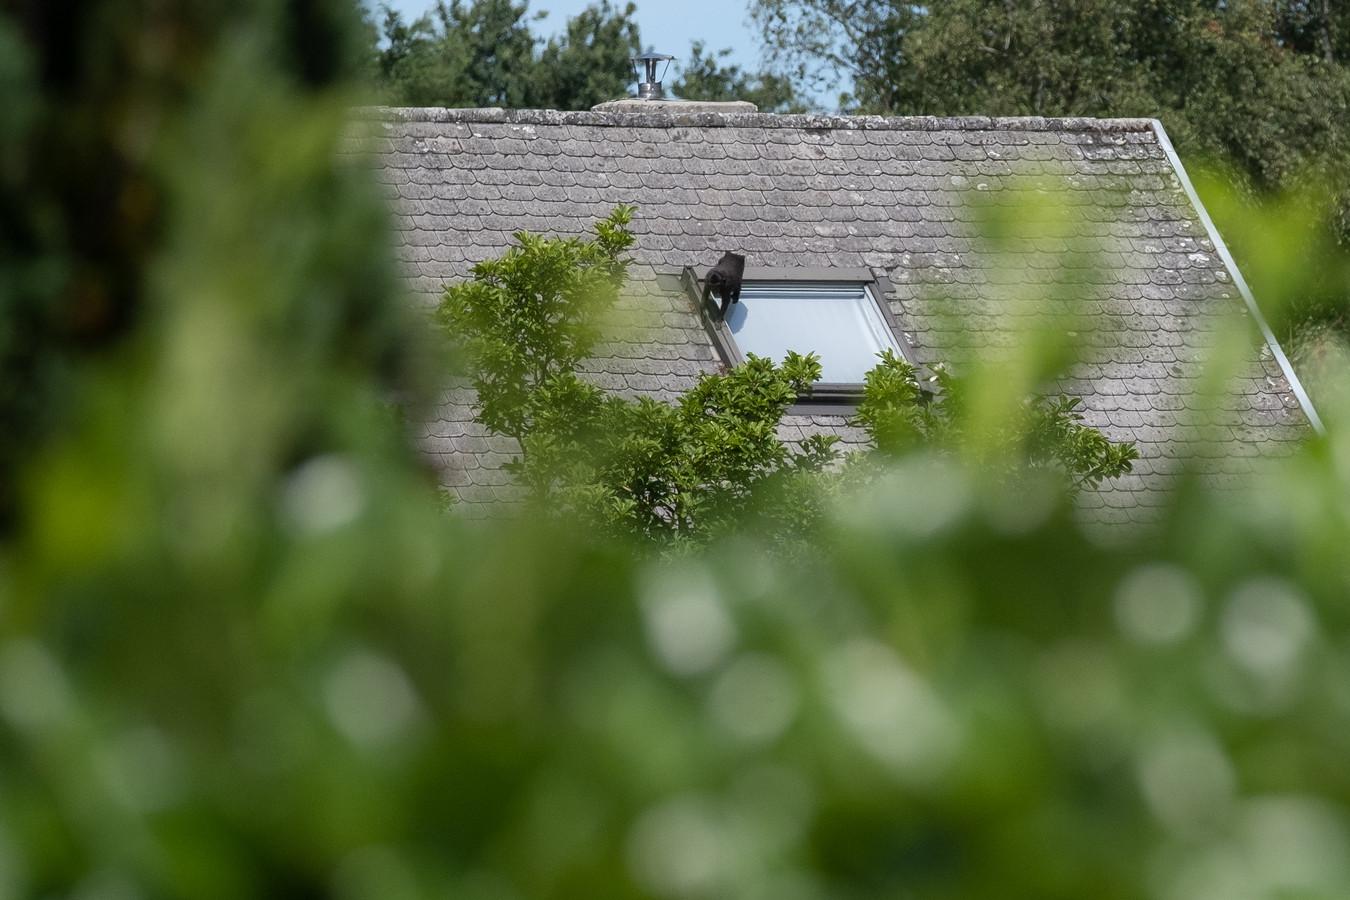 Kuifmakaakaapje Rojo wist te ontsnappen uit Dierenpark Planckendael